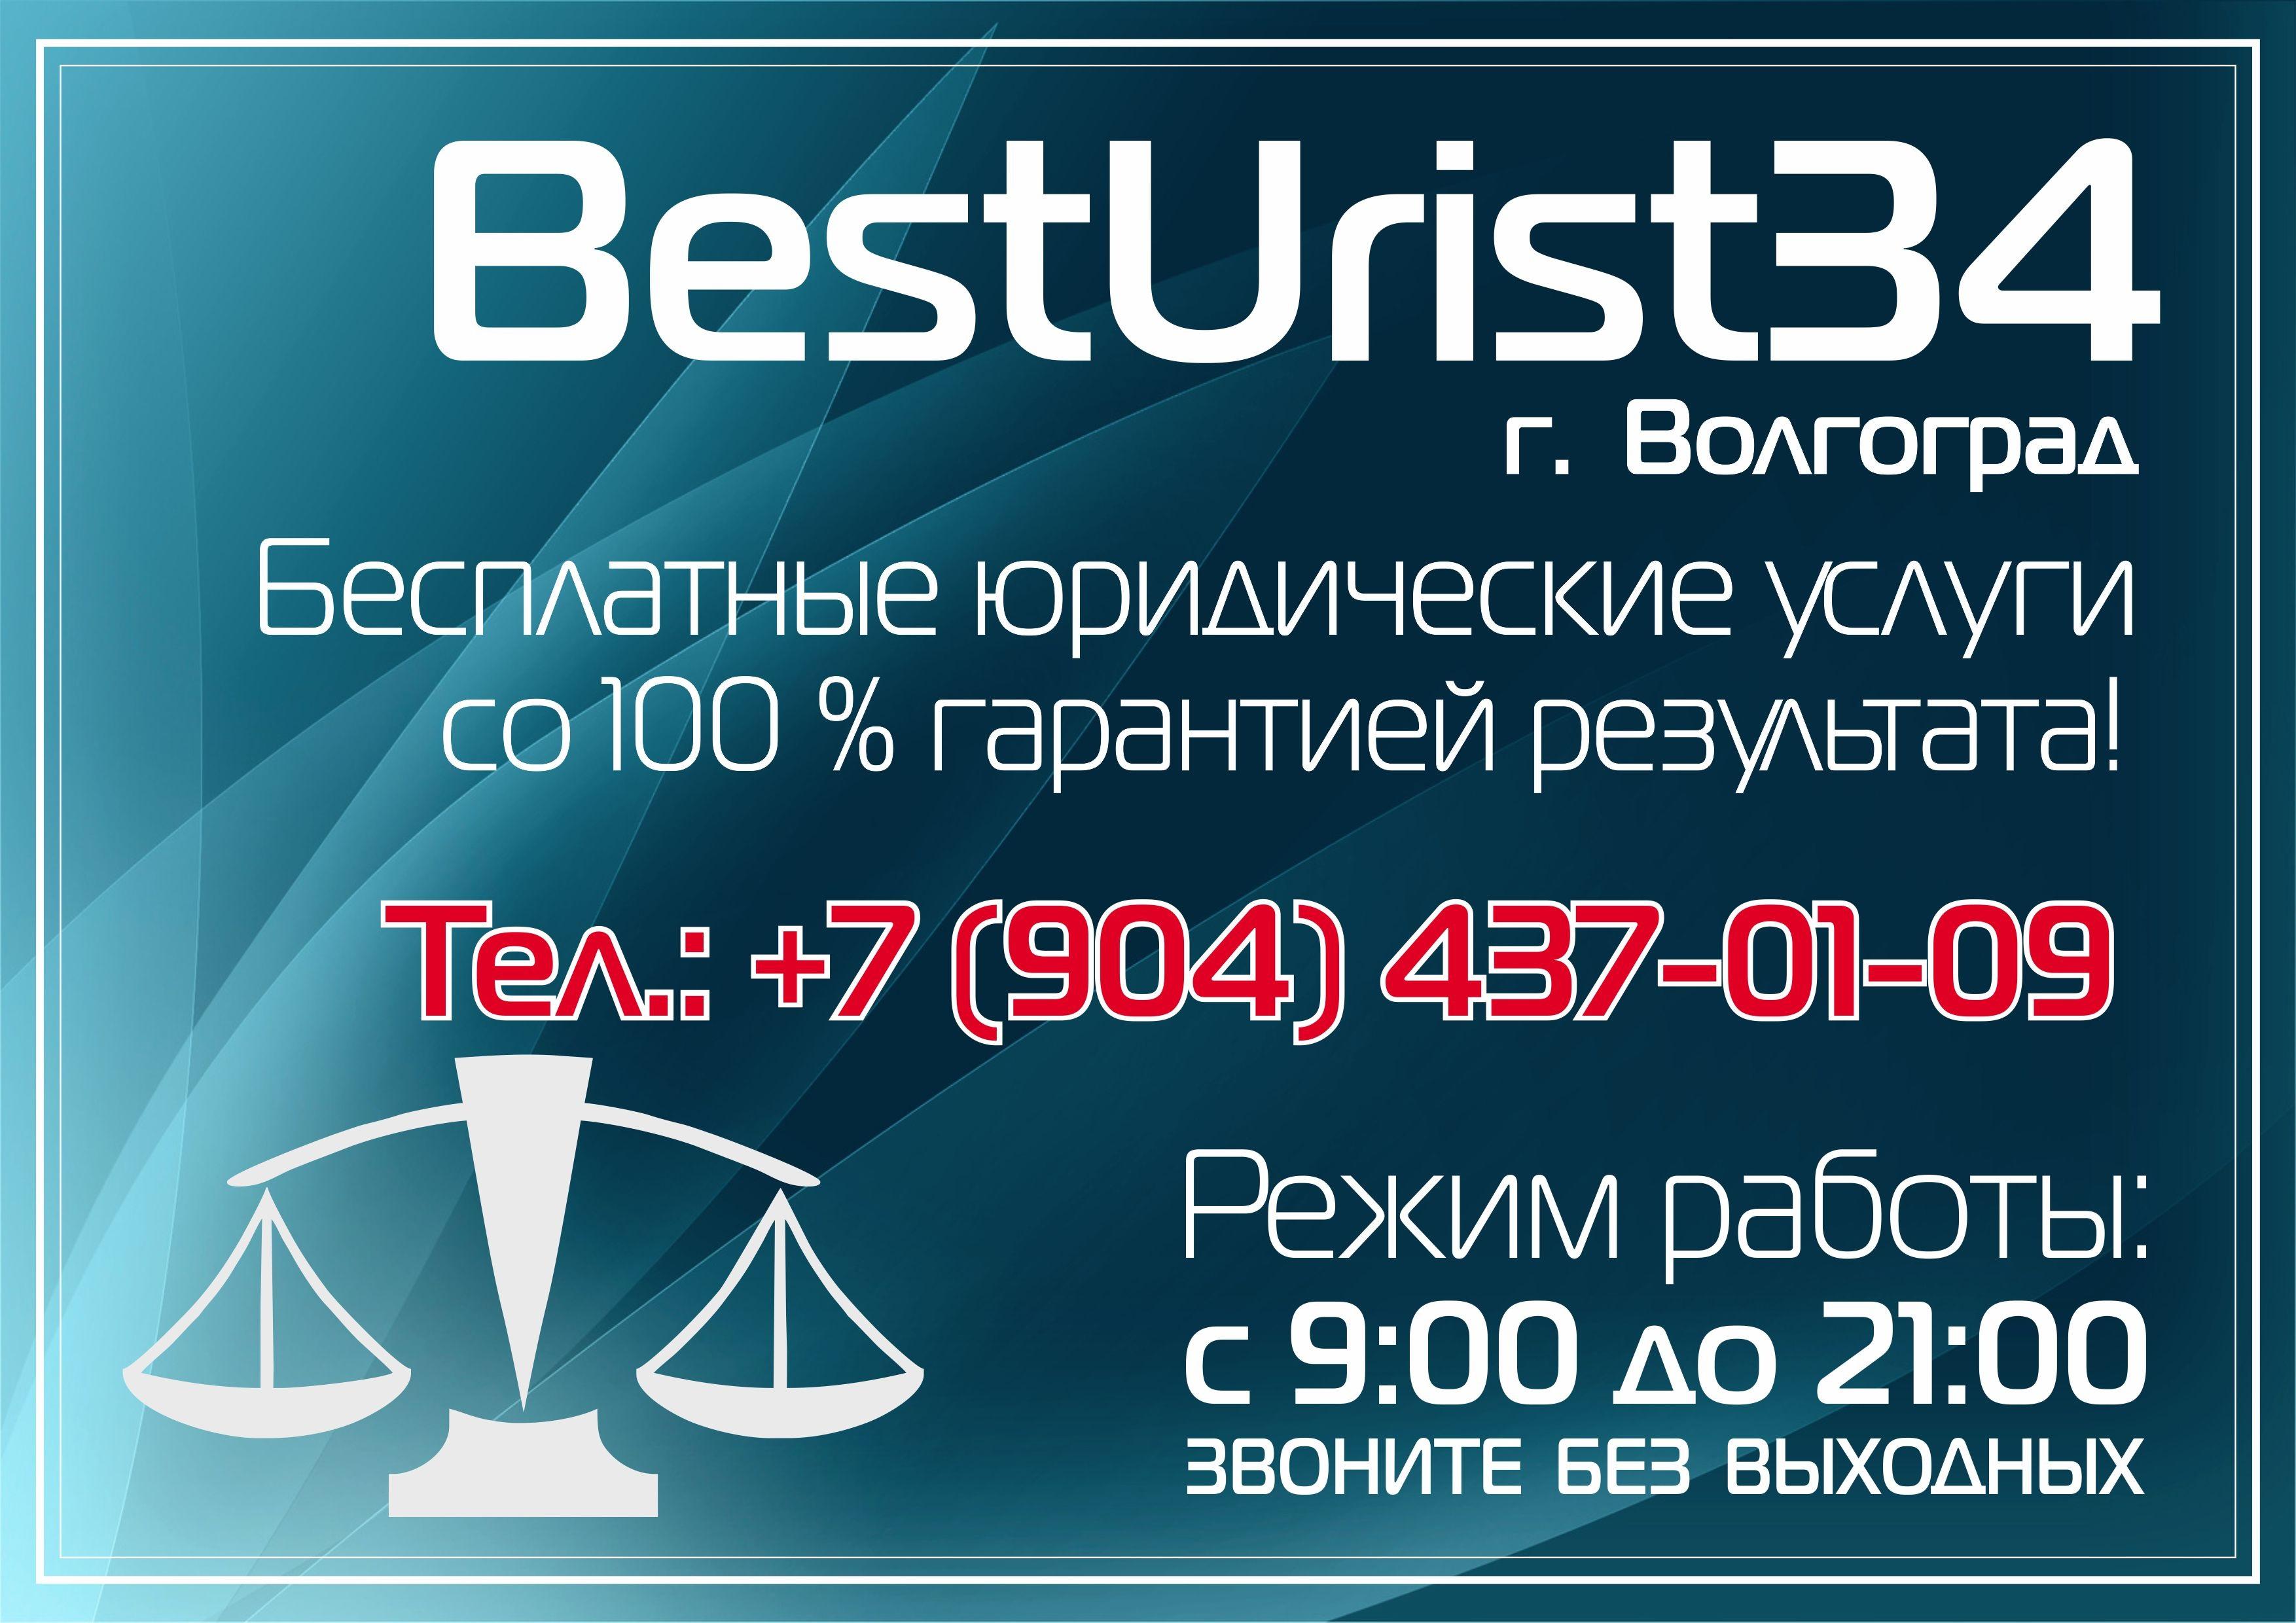 Бесплатная консультация юриста в молдове